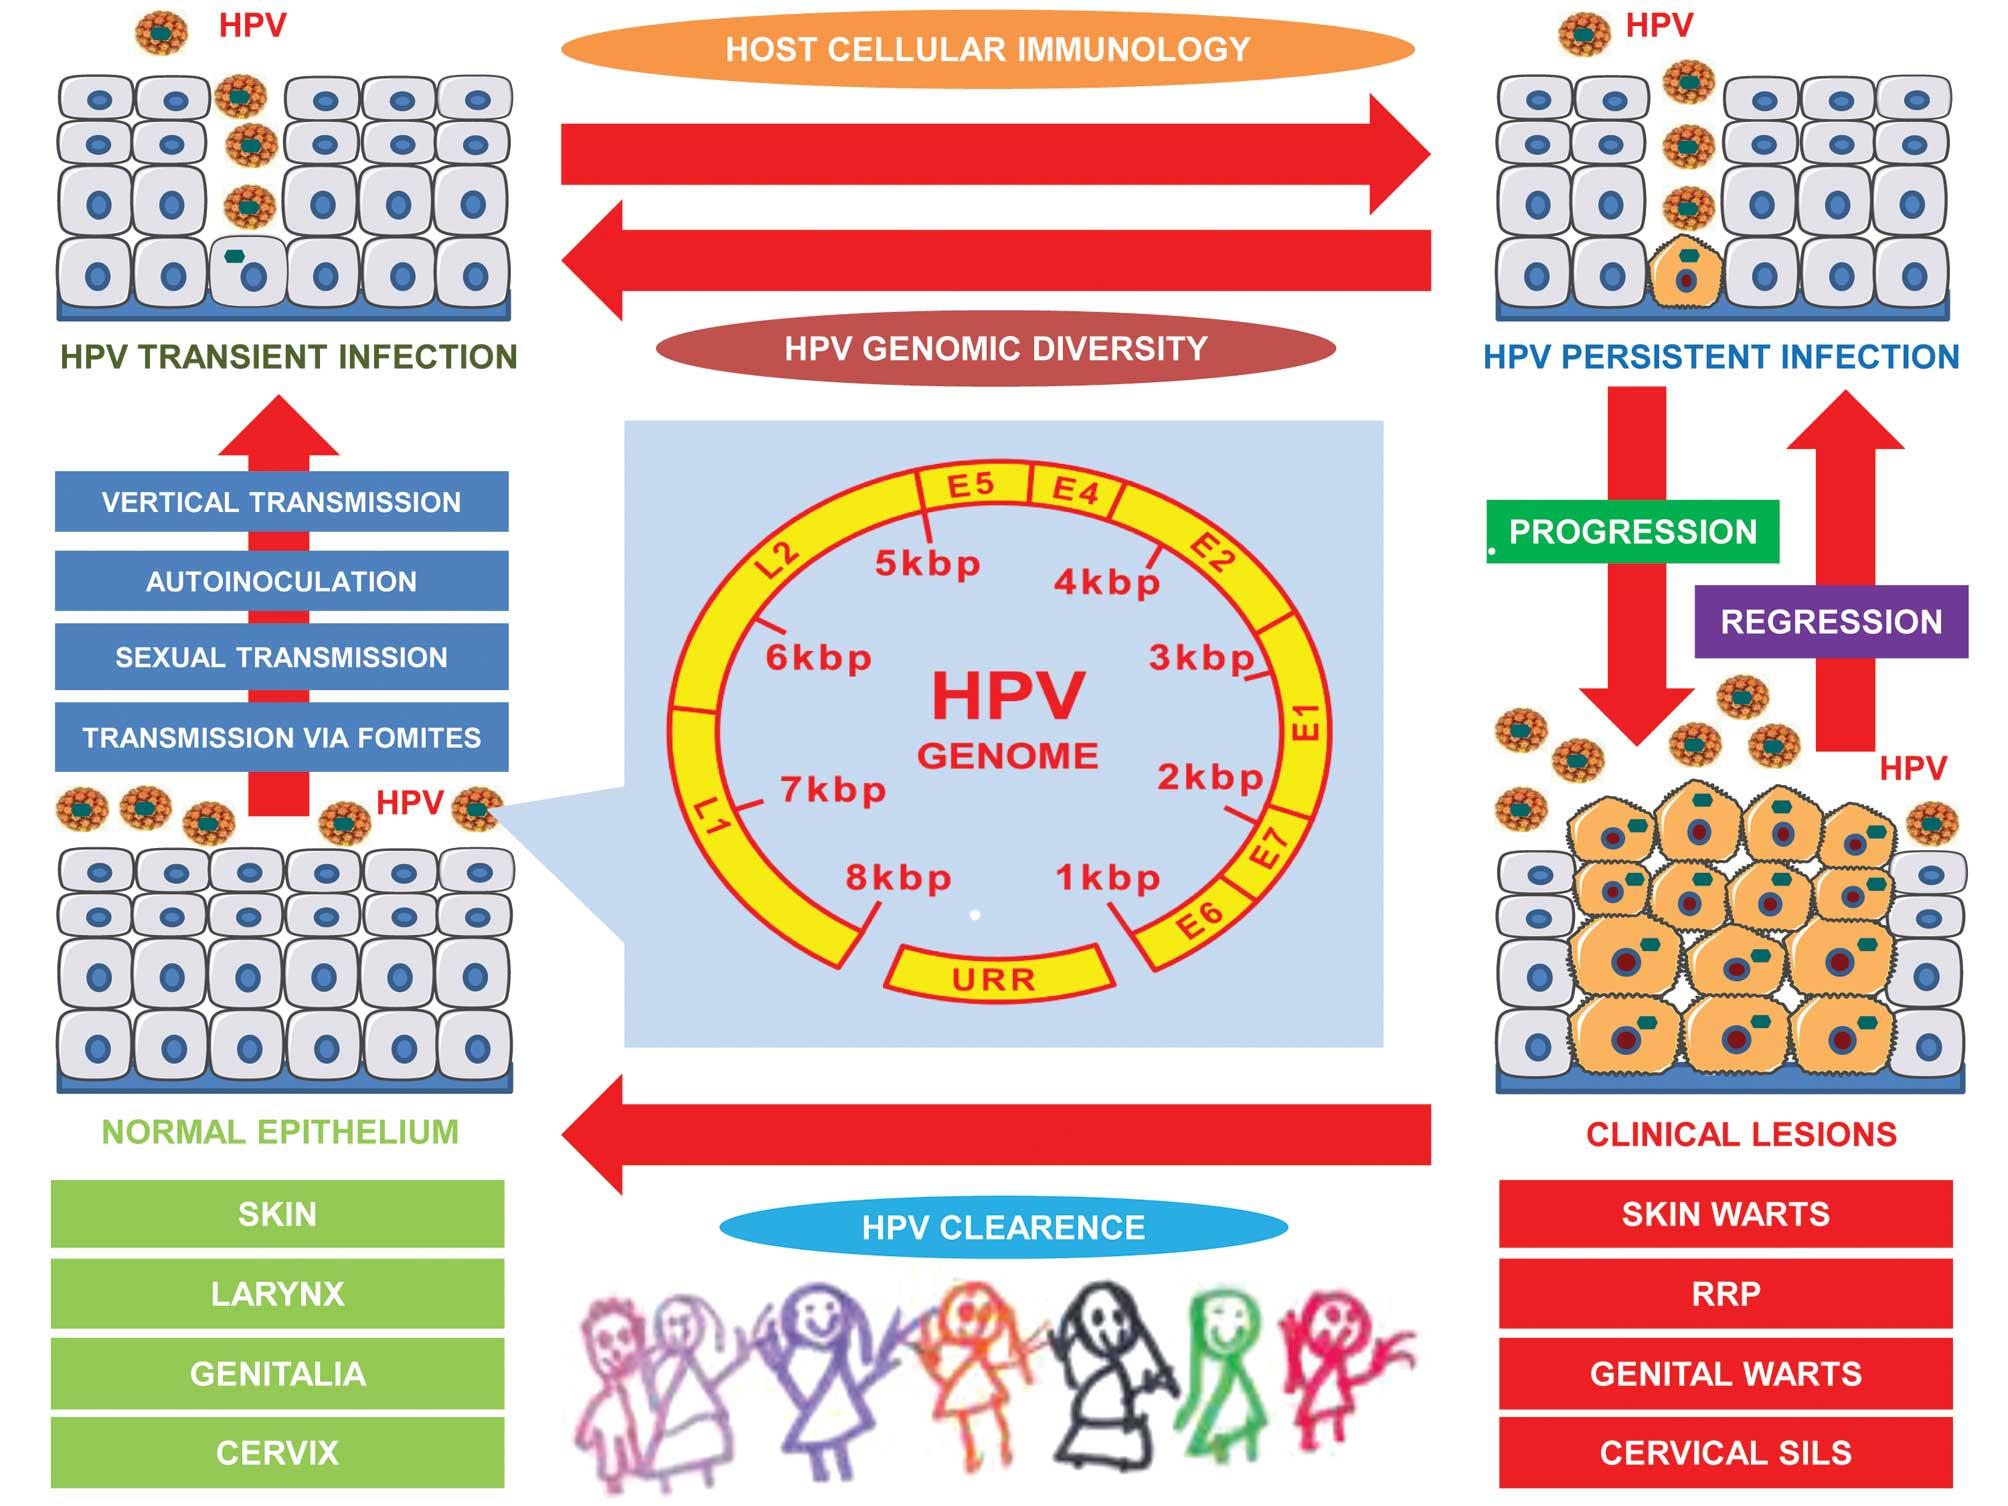 Human papillomavirus hpv warts - csrb.ro